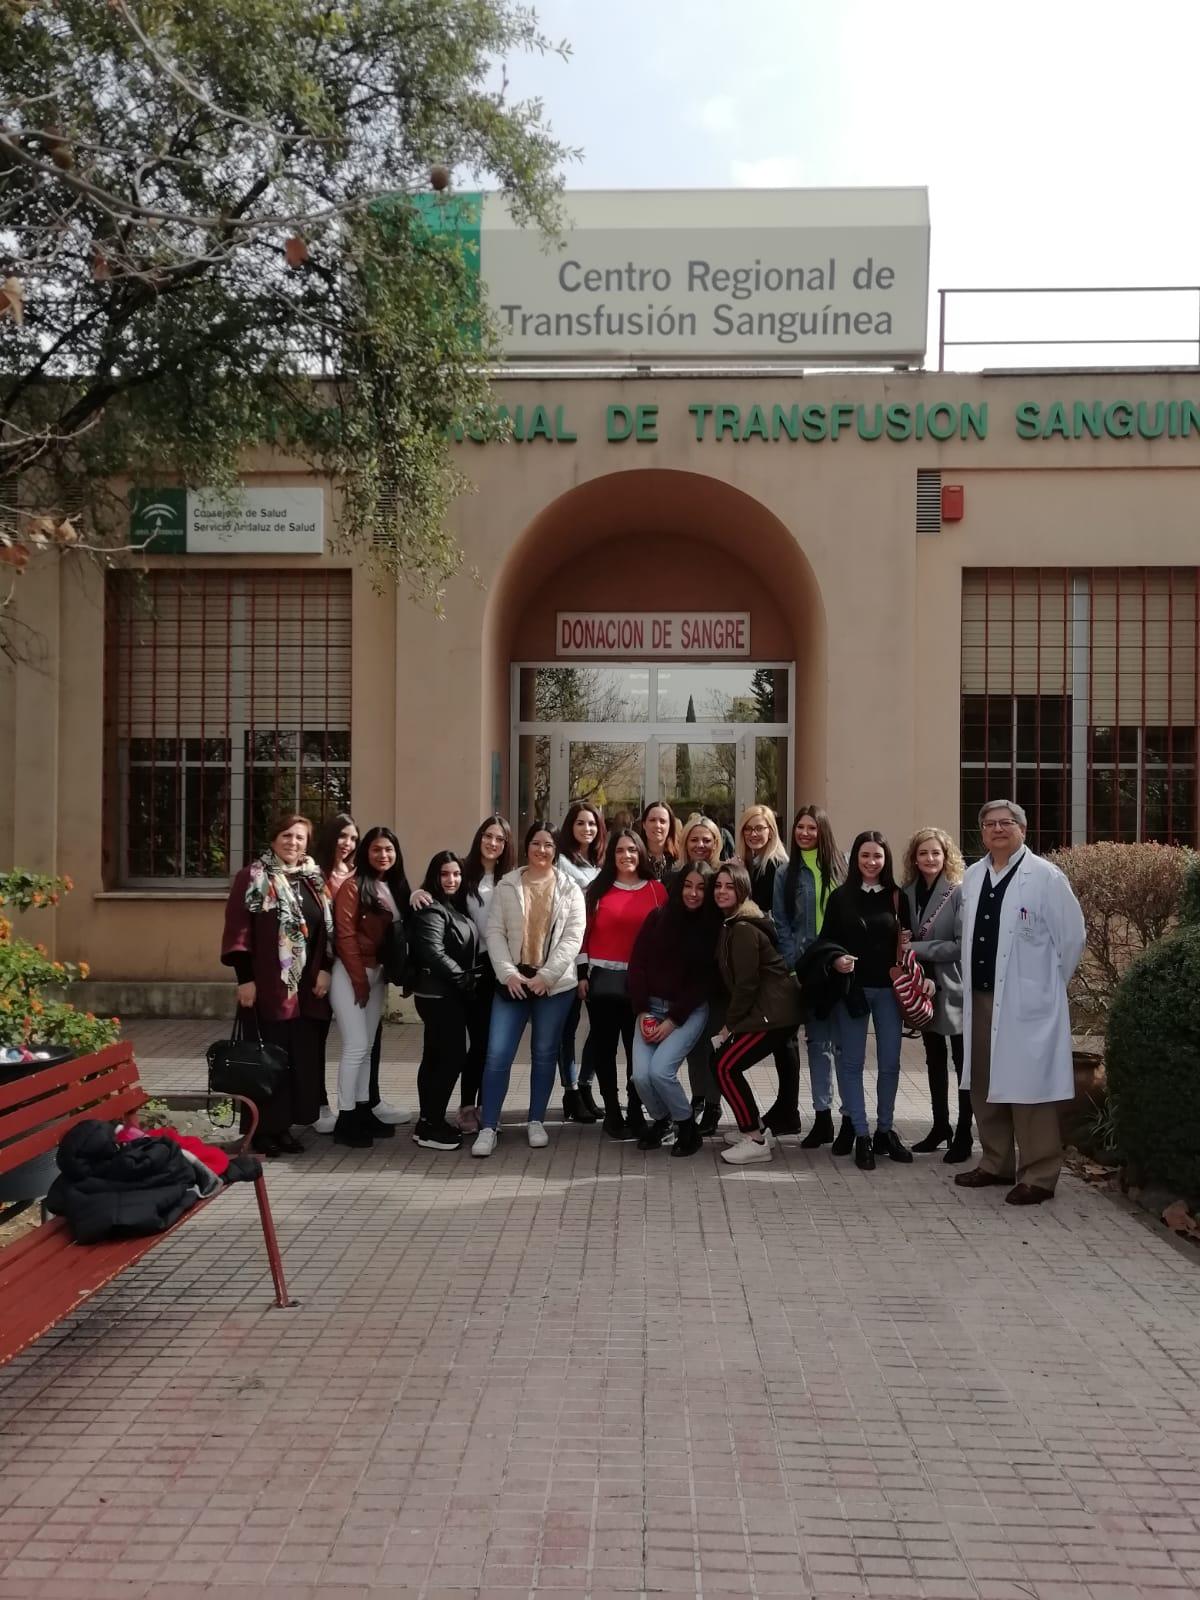 Visita al Centro de Transfusión Sanguínea